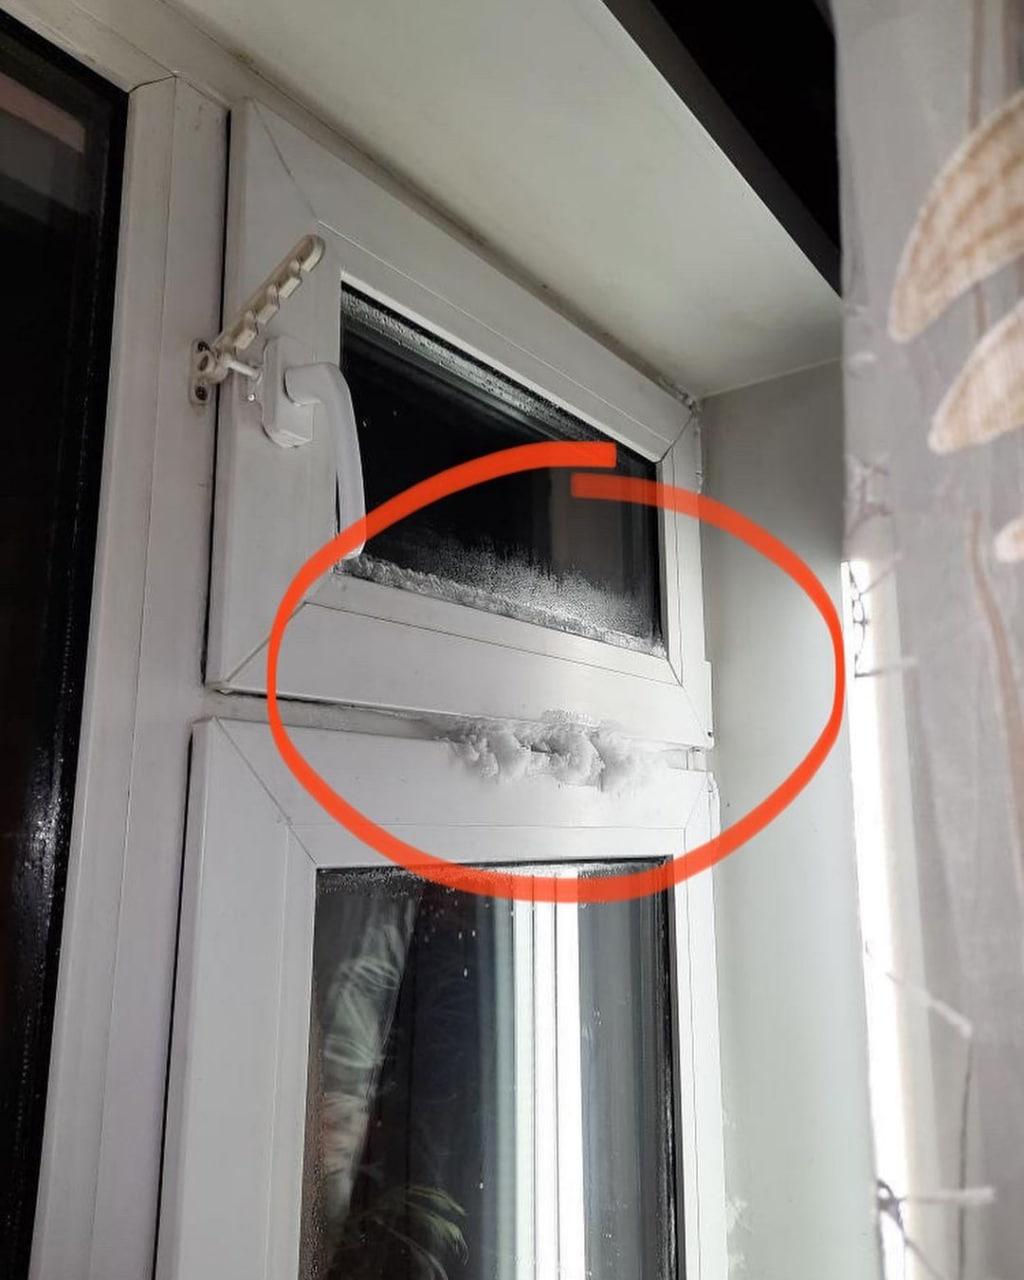 Окна промерзли насквозь